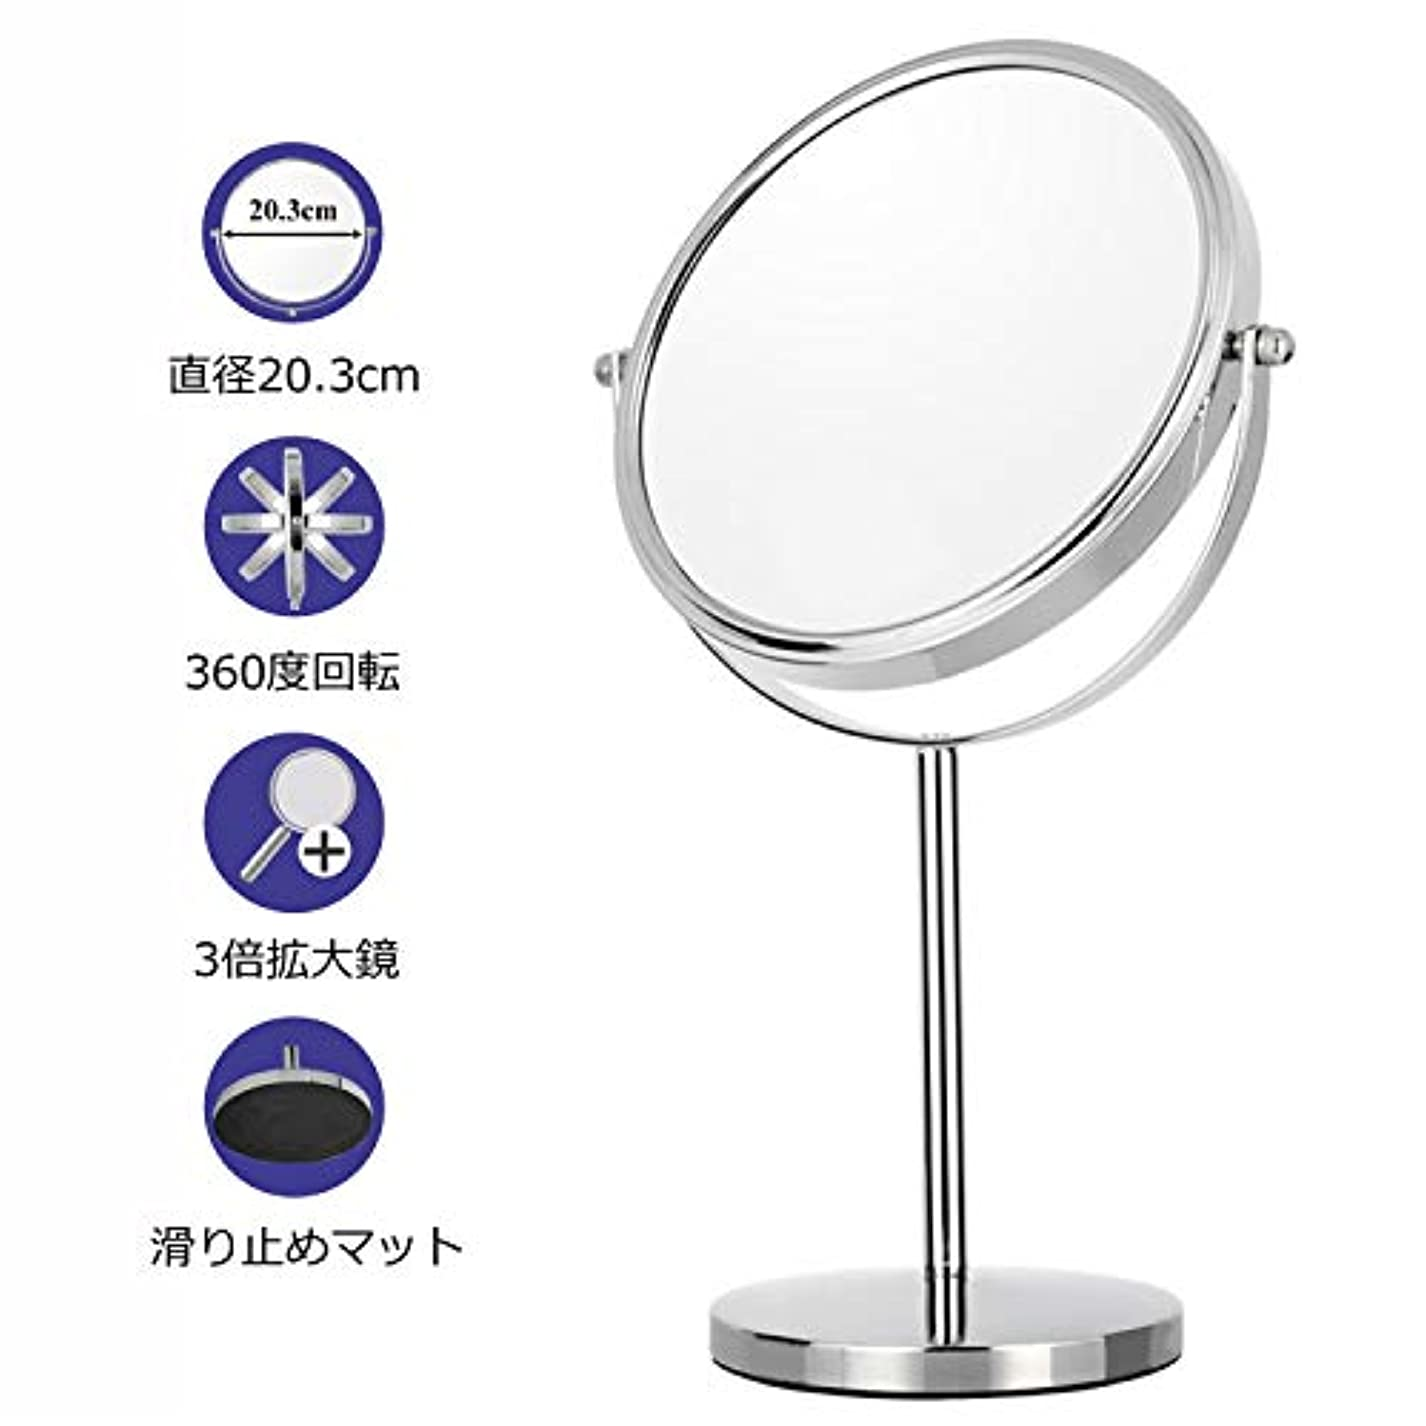 医療過誤きつく作曲家鏡 卓上 拡大鏡付き 3倍卓上鏡 真実の両面鏡 浴室鏡 ミラー 360度回転 スタンドミラー クロム 鏡 (鏡面23.2cm)